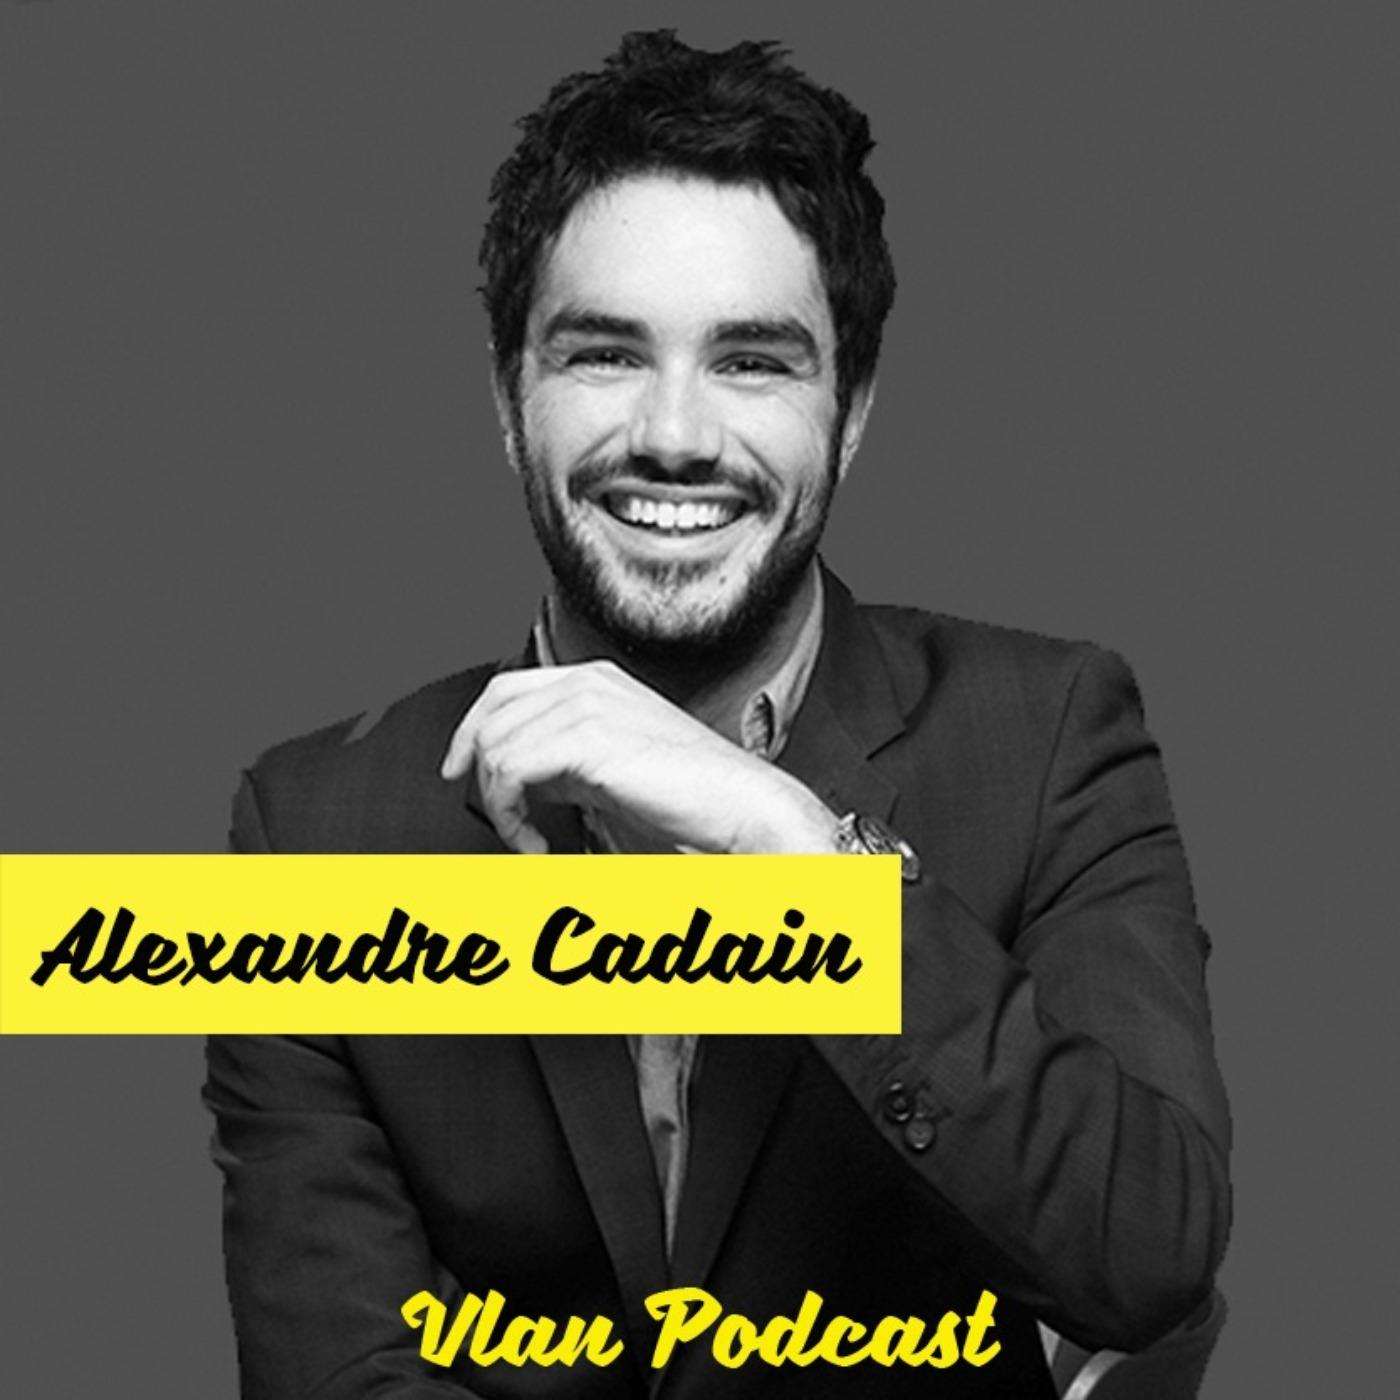 Vlan #109 Pouvons nous souhaiter rompre avec nos modes de vie? avec Alexandre Cadain